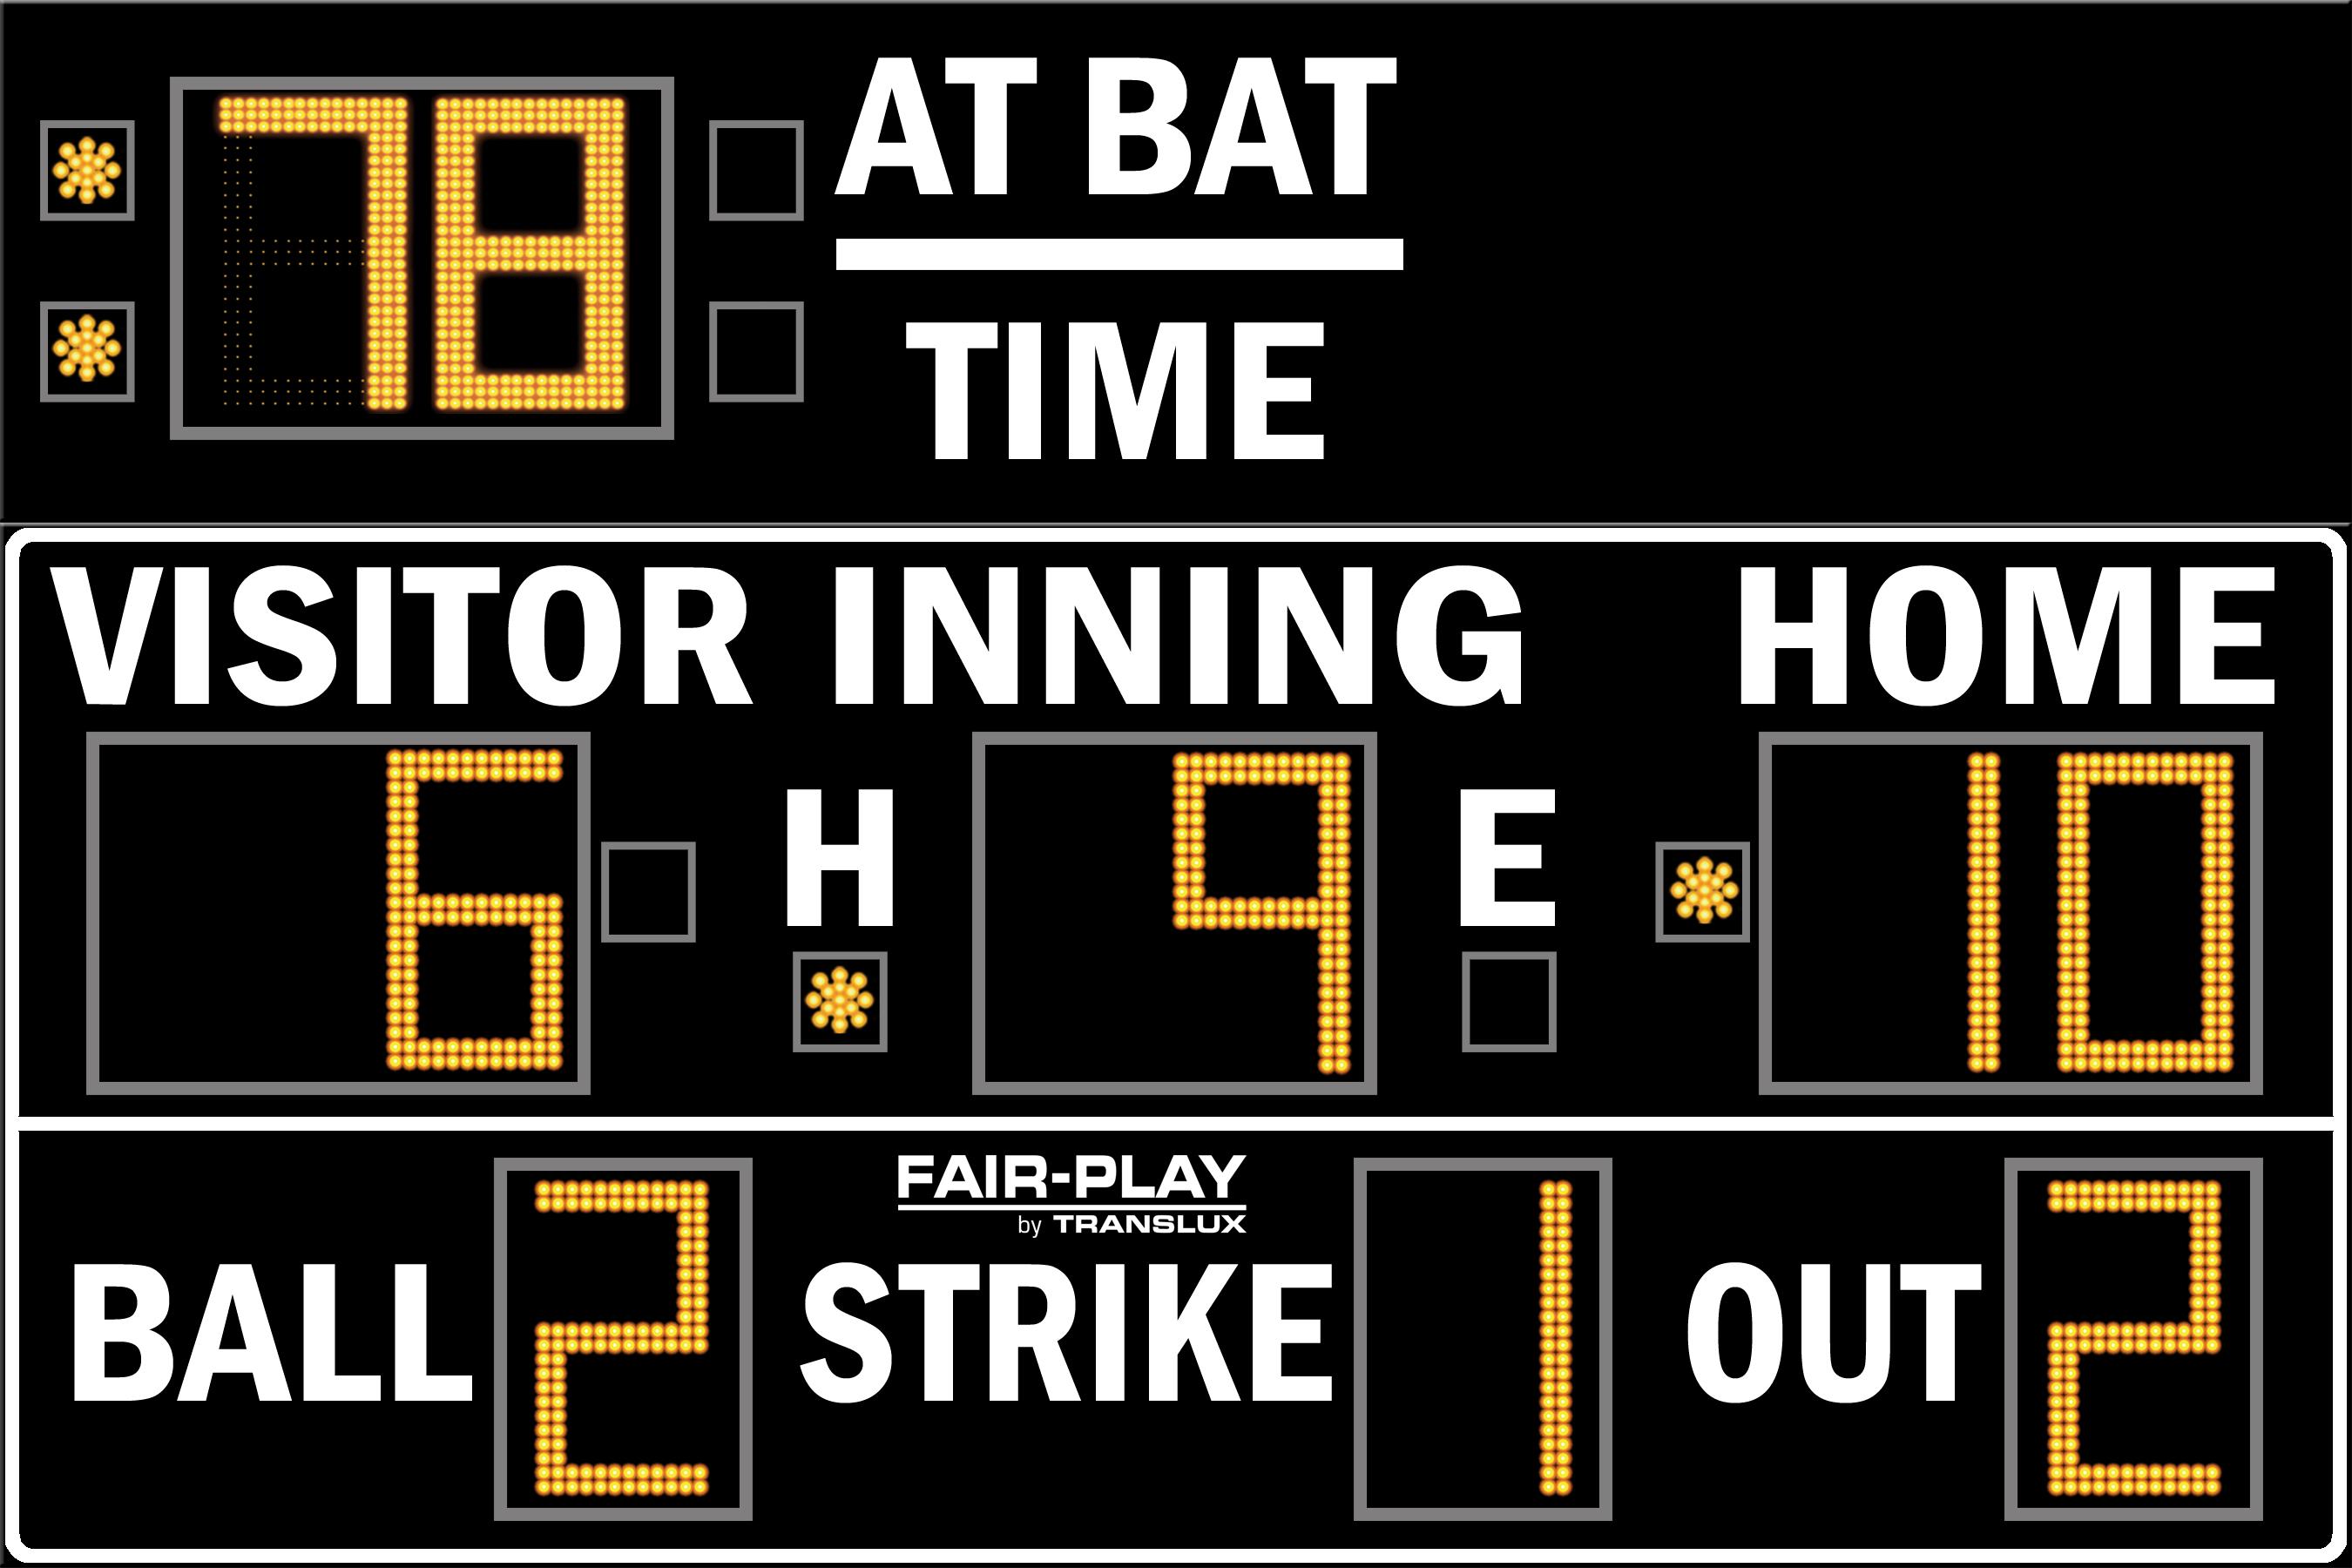 Fair-Play BA-7209MP-2 Baseball Scoreboard (6′ x 9′)